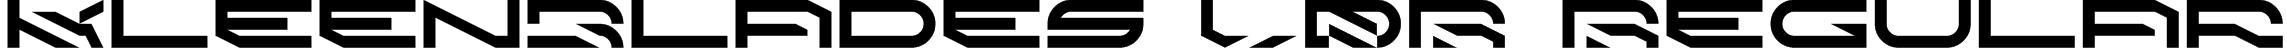 KleenBlades LDR Regular Font